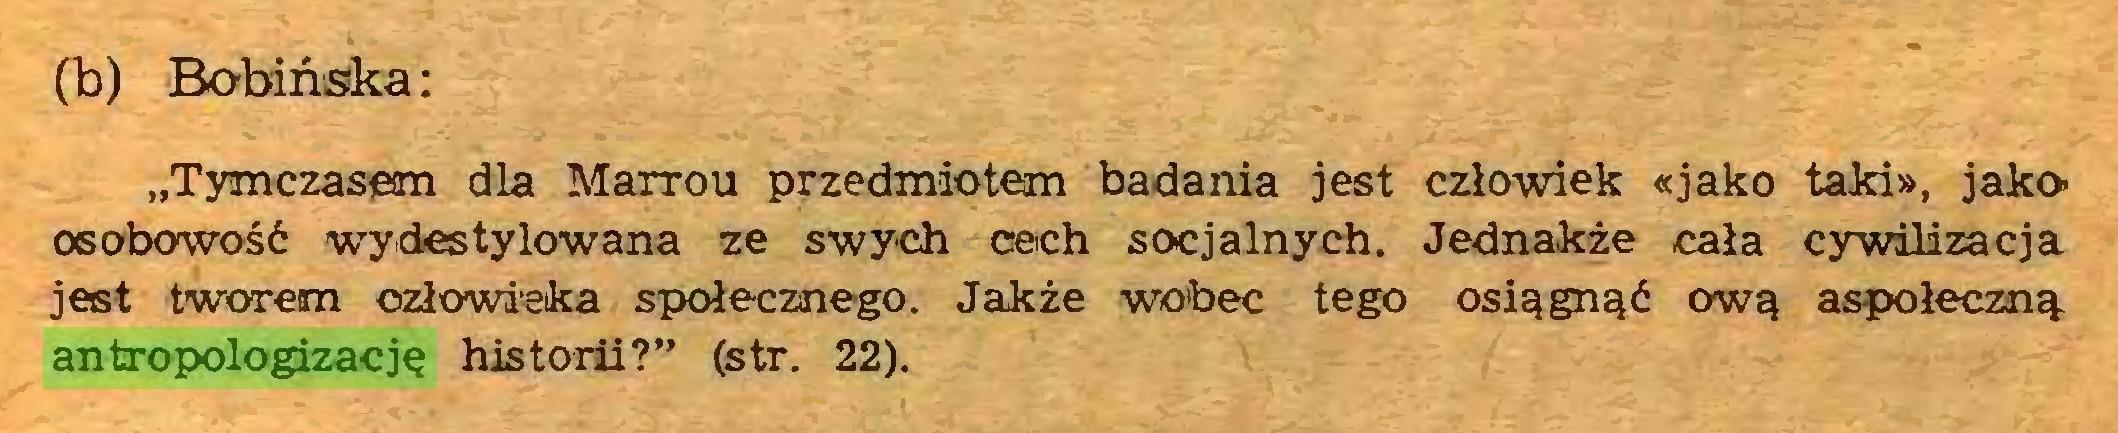 """(...) (b) Bobińska: """"Tymczasem dla Marrou przedmiotem badania jest człowiek «jako taki», jako osobowość wydestylowana ze swych cech socjalnych. Jednakże cała cywilizacja jest tworem człowieka społecznego. Jakże wobec tego osiągnąć ową aspołeczną antropologizację historii?"""" (str. 22)..."""